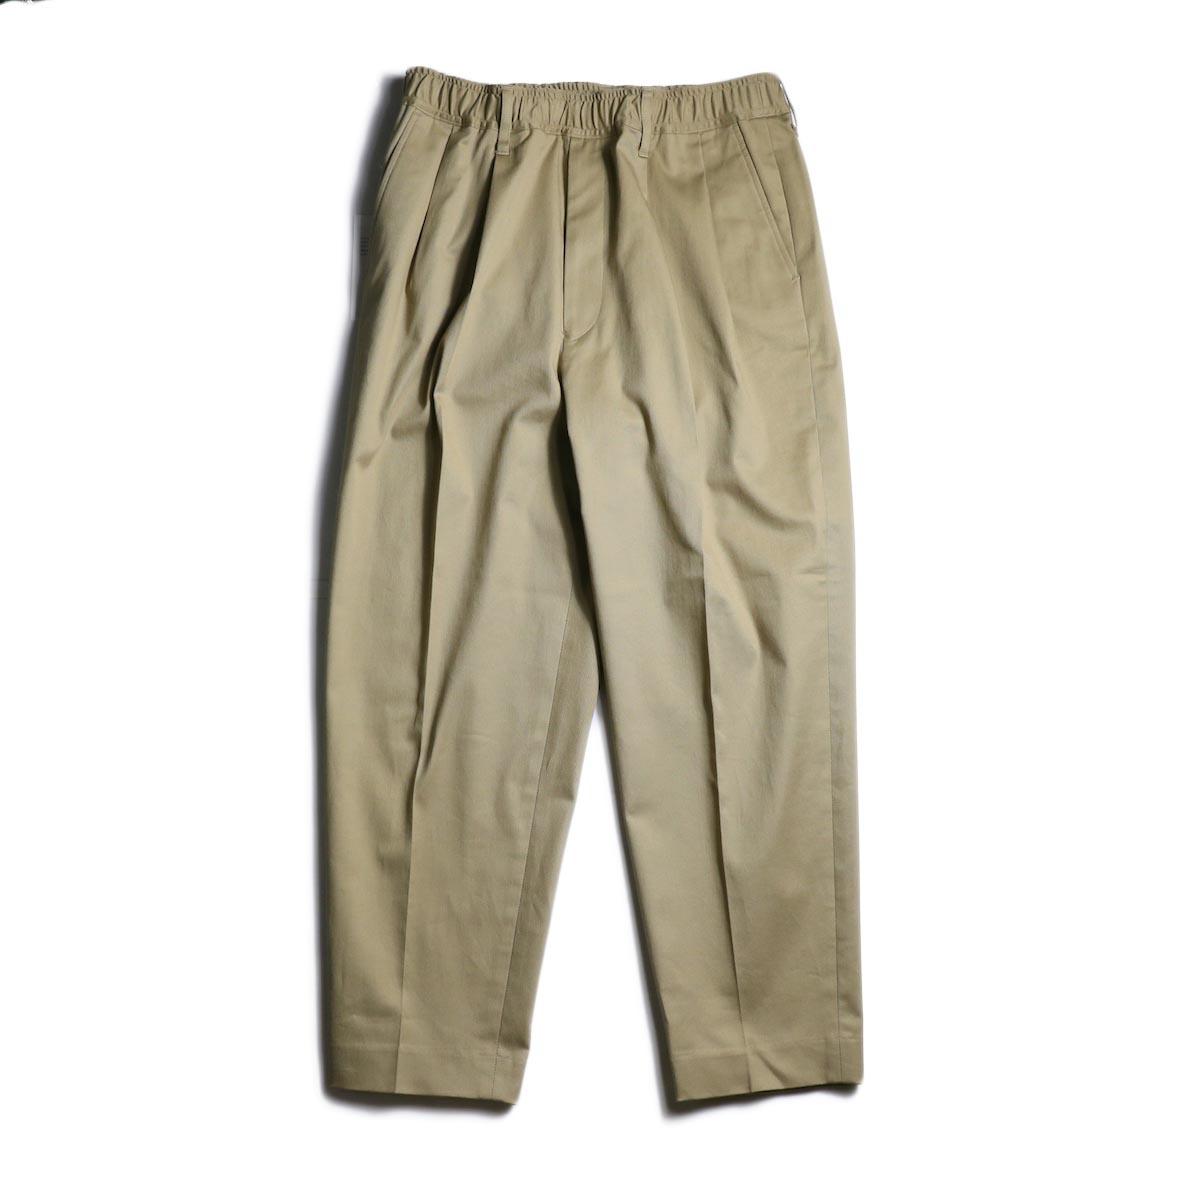 N.HOOLYWOOD / 1201-PT12-058 Taperede Easy Pants (Beige)